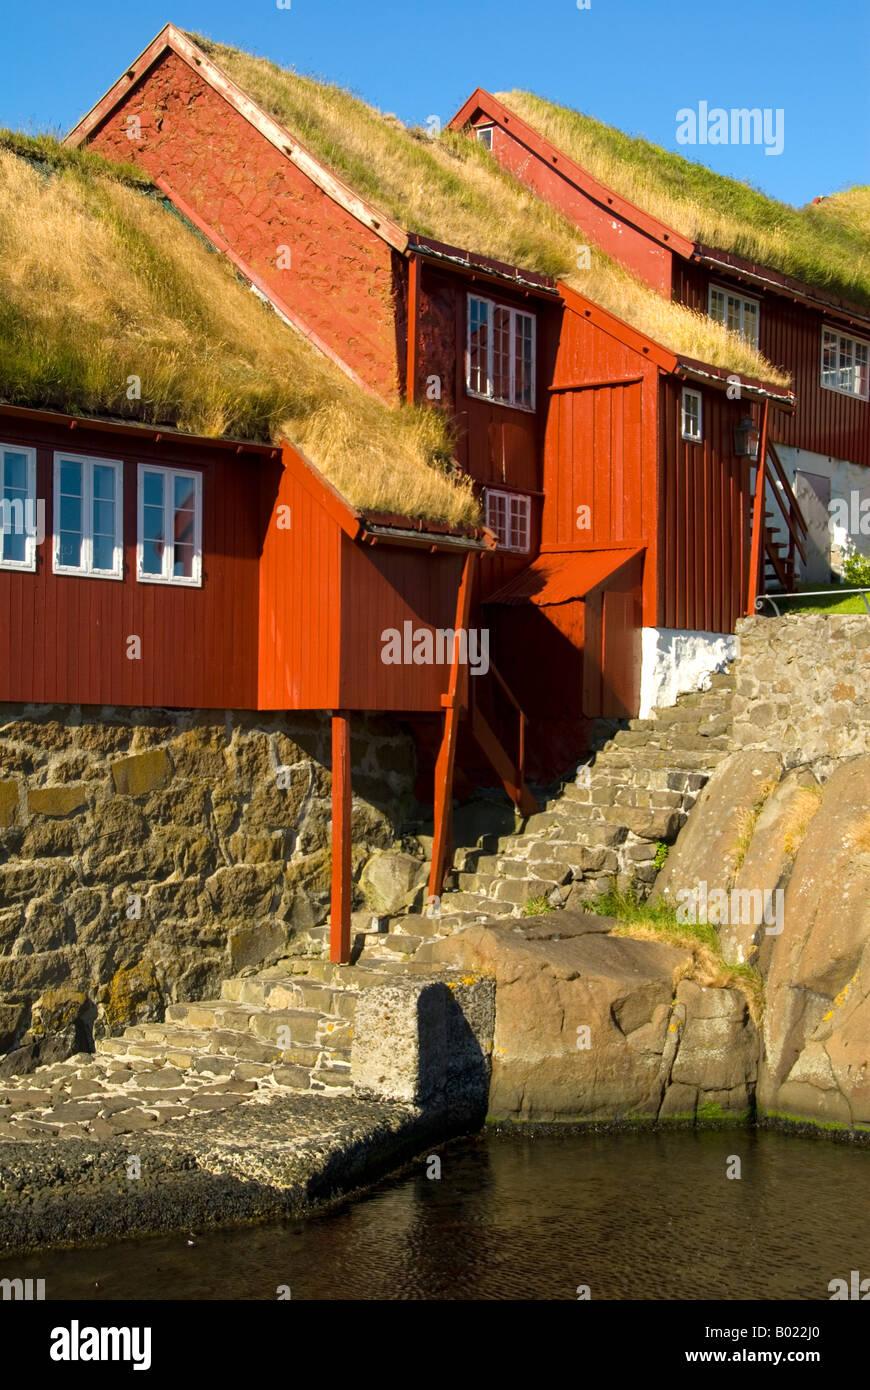 Holzbauten in der alten Stadt von Tinganes, Tórshavn, Färöer Inseln Stockbild